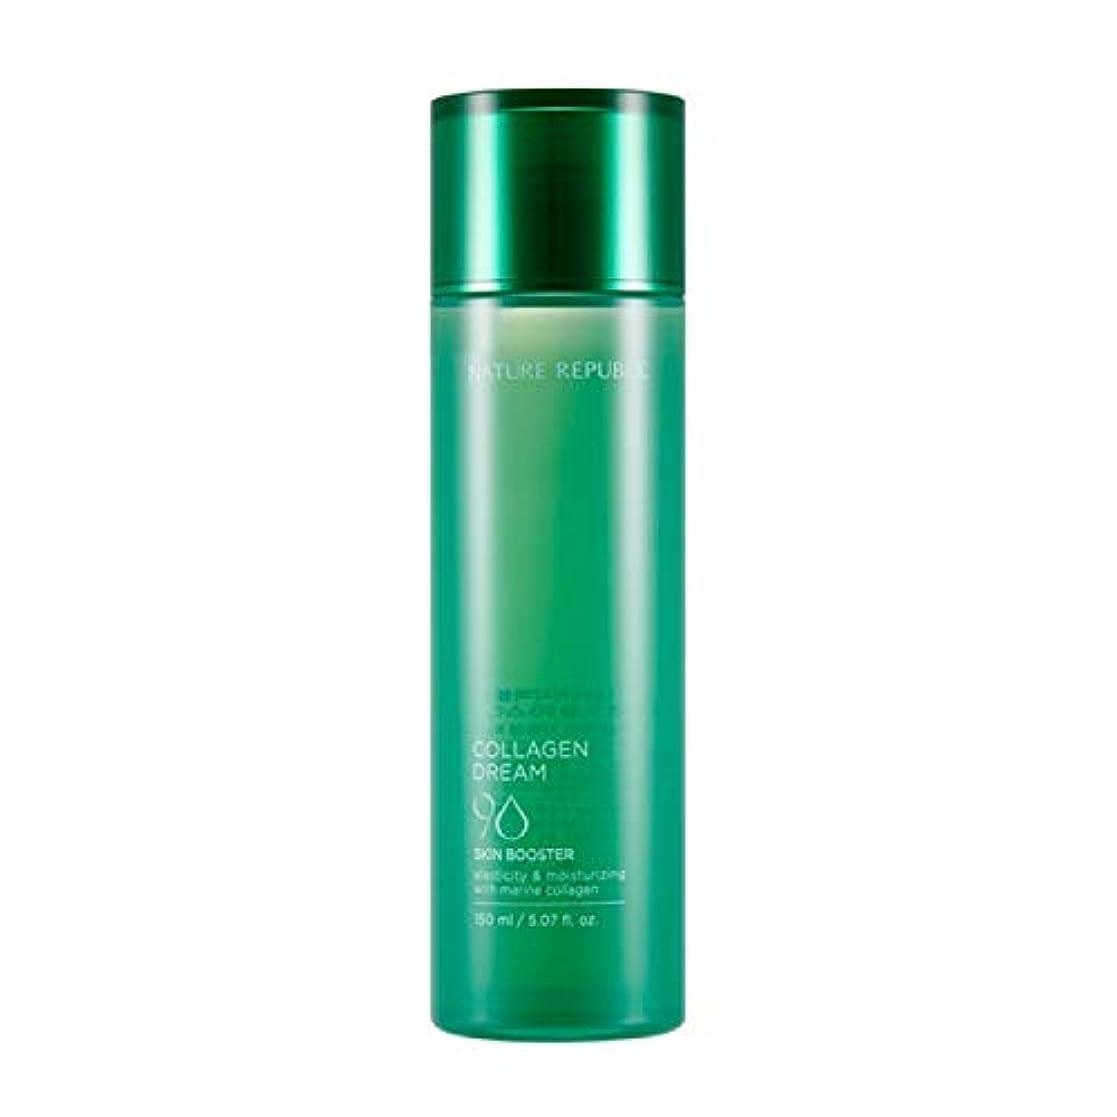 建築シーボードハングネイチャーリパブリック(Nature Republic)コラーゲンドリーム90スキンブースター / Collagen Dream 90 Skin Booster 150ml :: 韓国コスメ [並行輸入品]